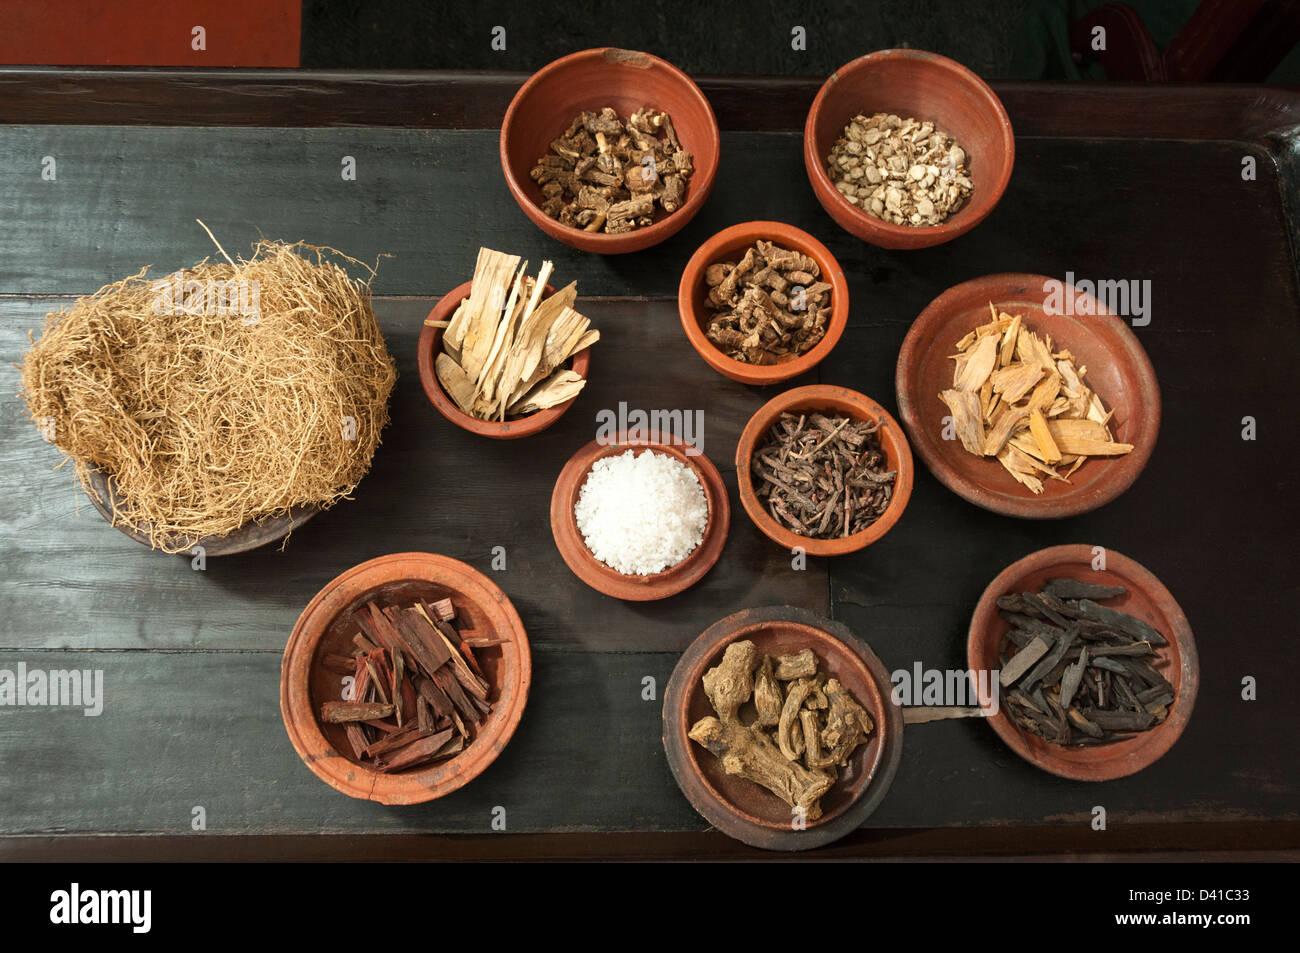 Spezie ayurvedica in vasi di fango, India Immagini Stock